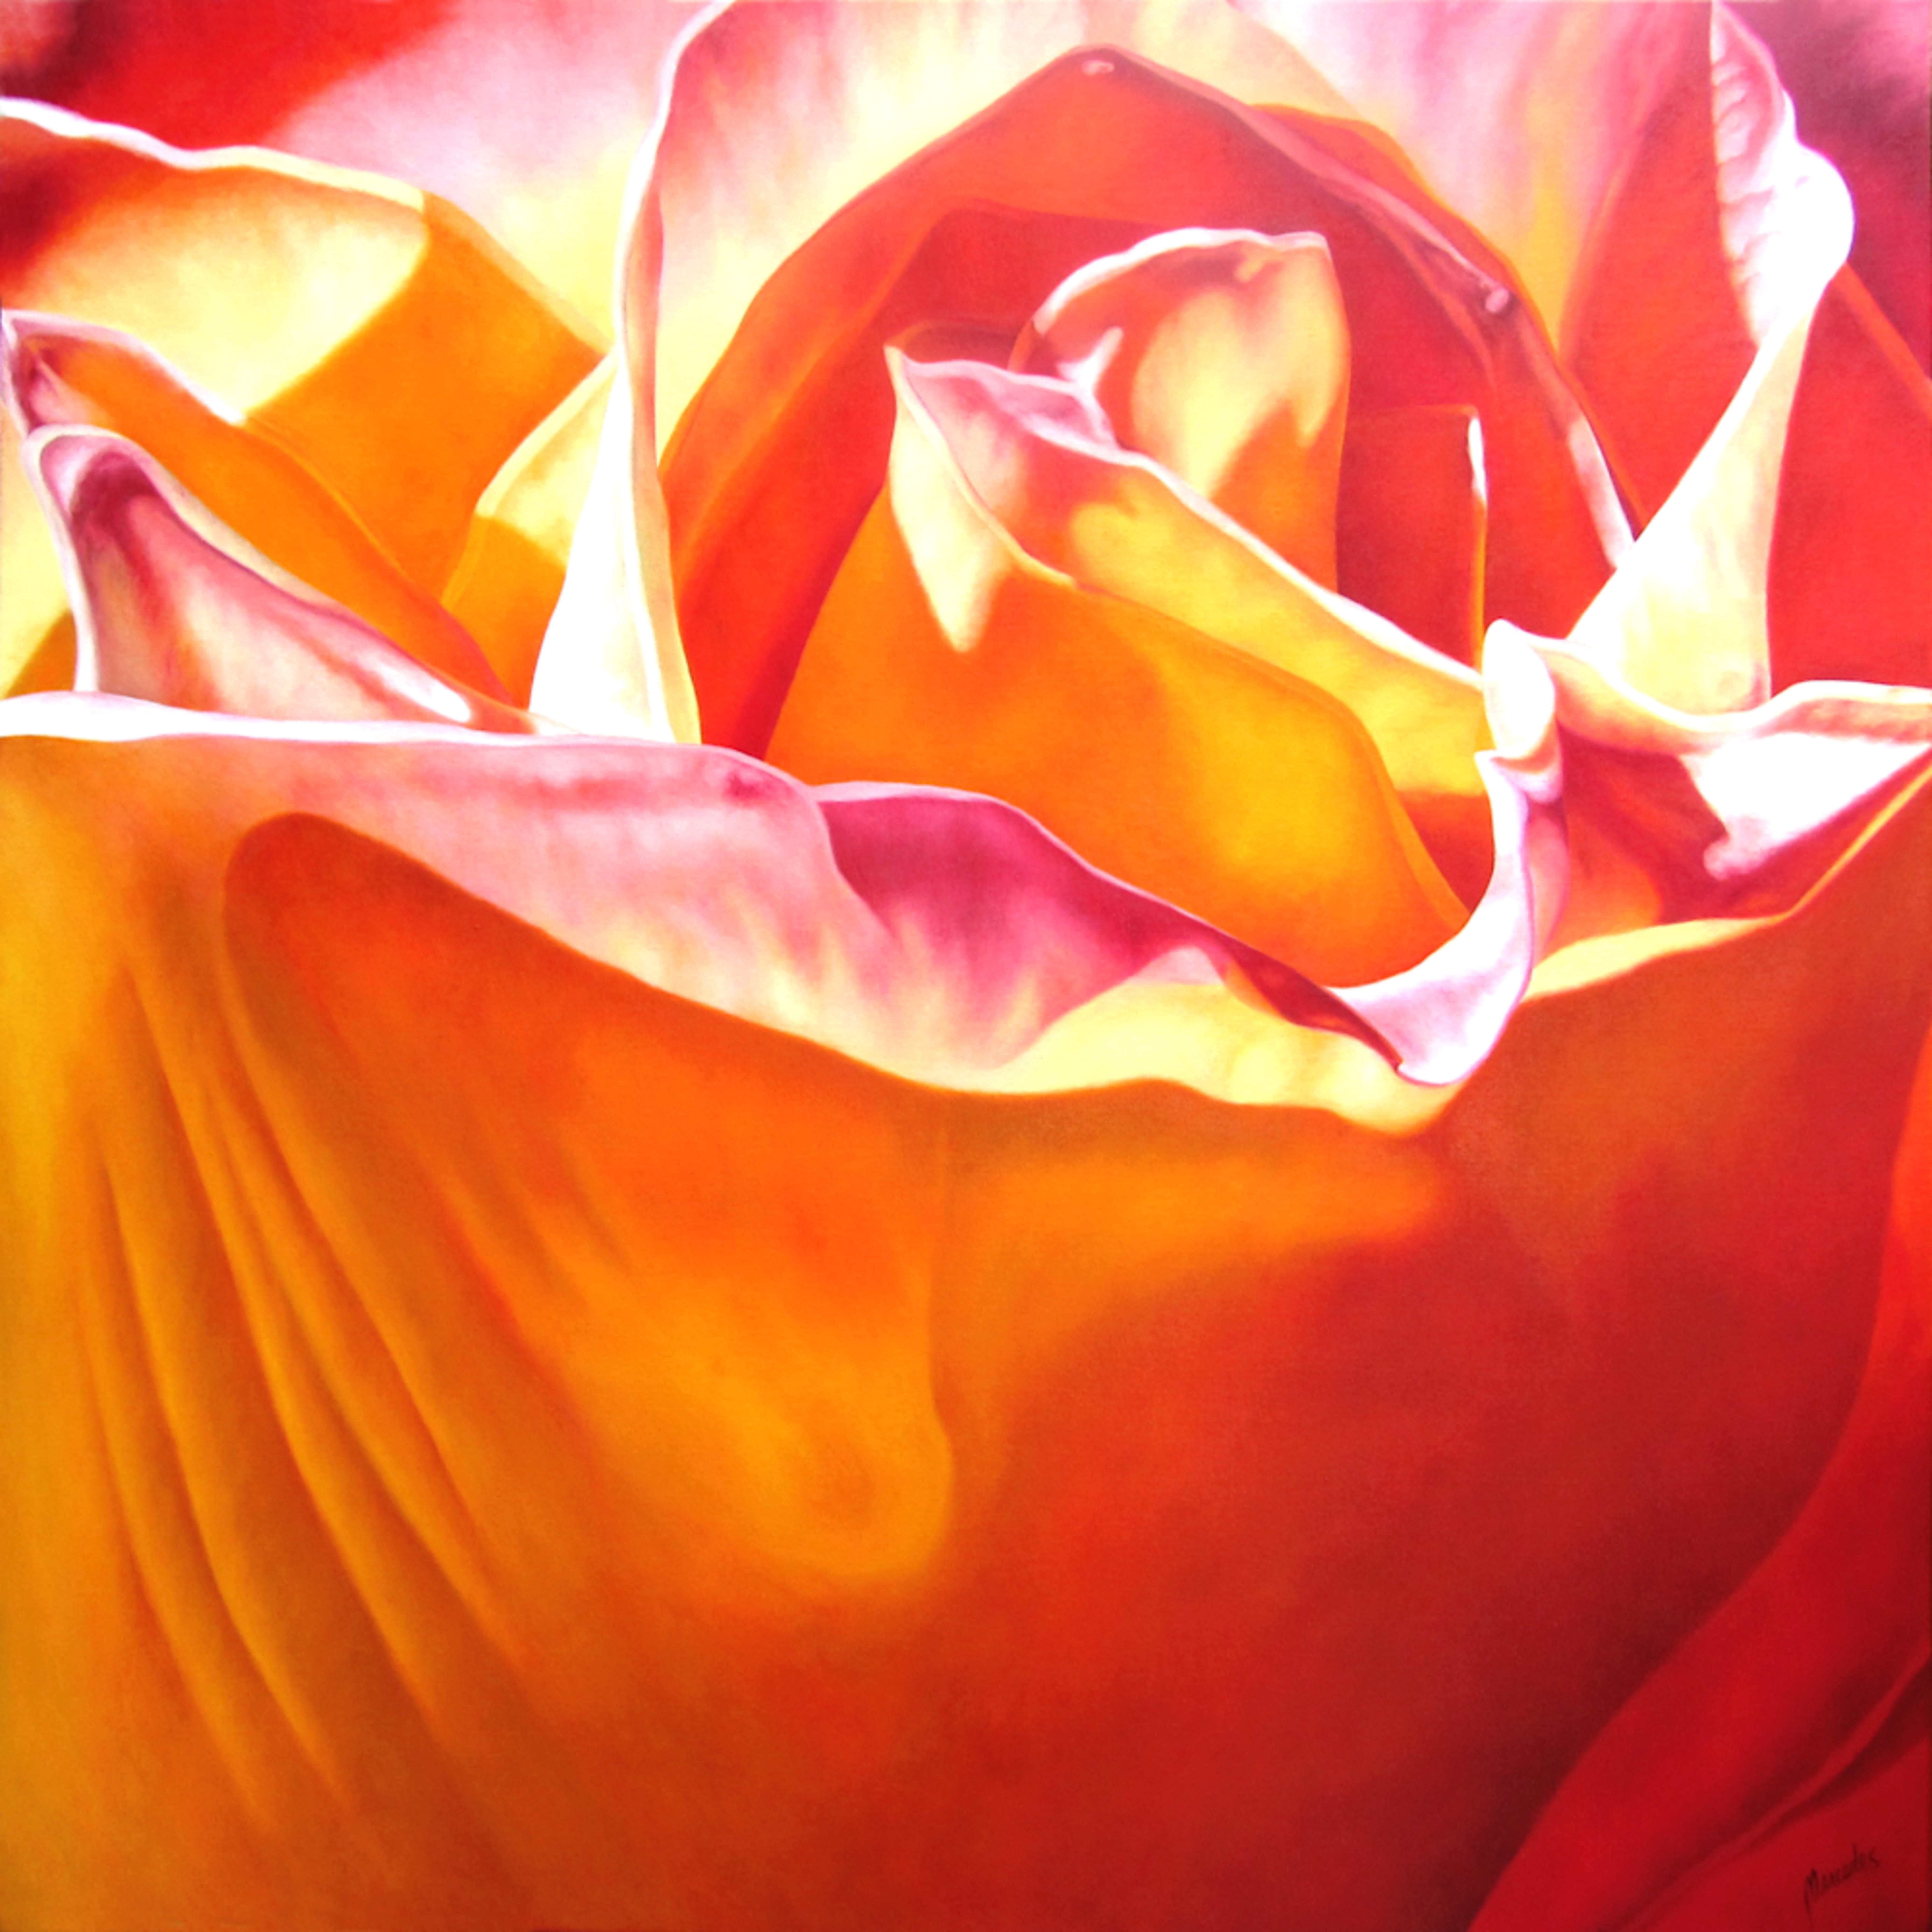 Orange passionforprintsizedfor11.8in copy used forasf c29zfv